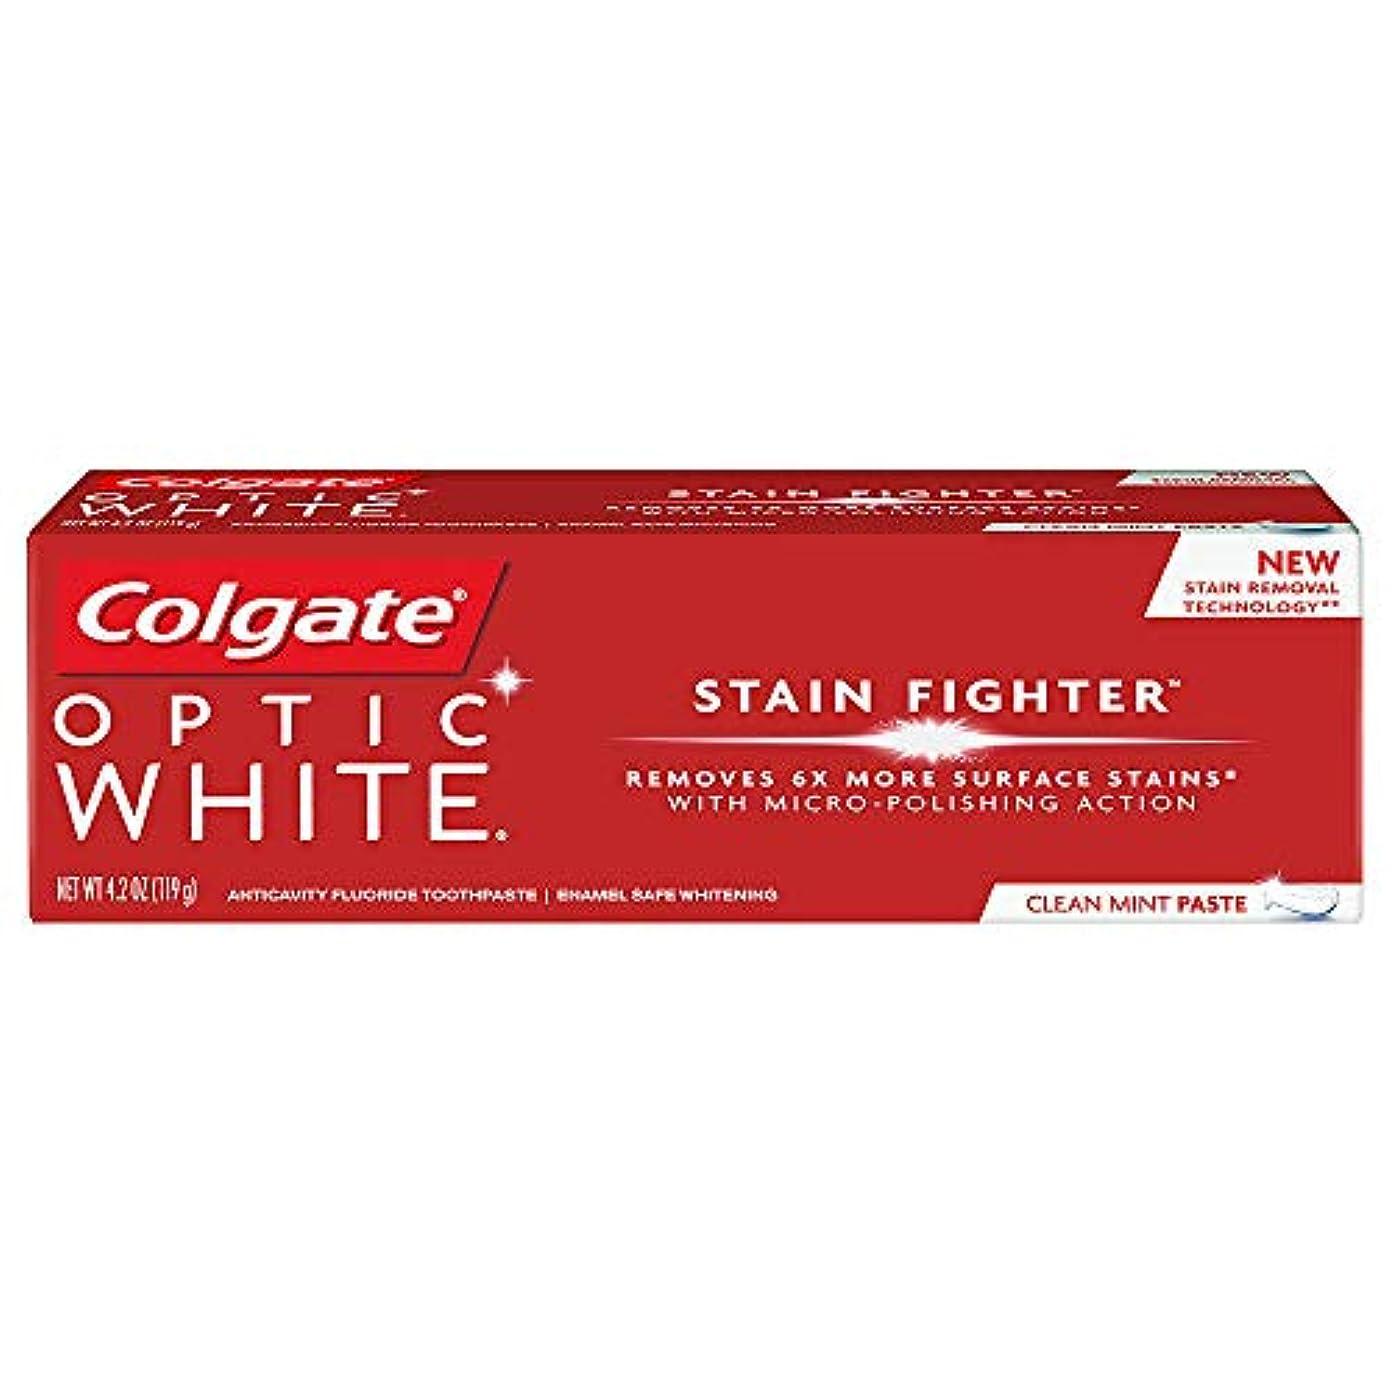 適応秀でる強風コルゲート ホワイトニング Colgate 119g Optic White STAIN FIGHTER 白い歯 歯磨き粉 ミント (Clean Mint Paste)